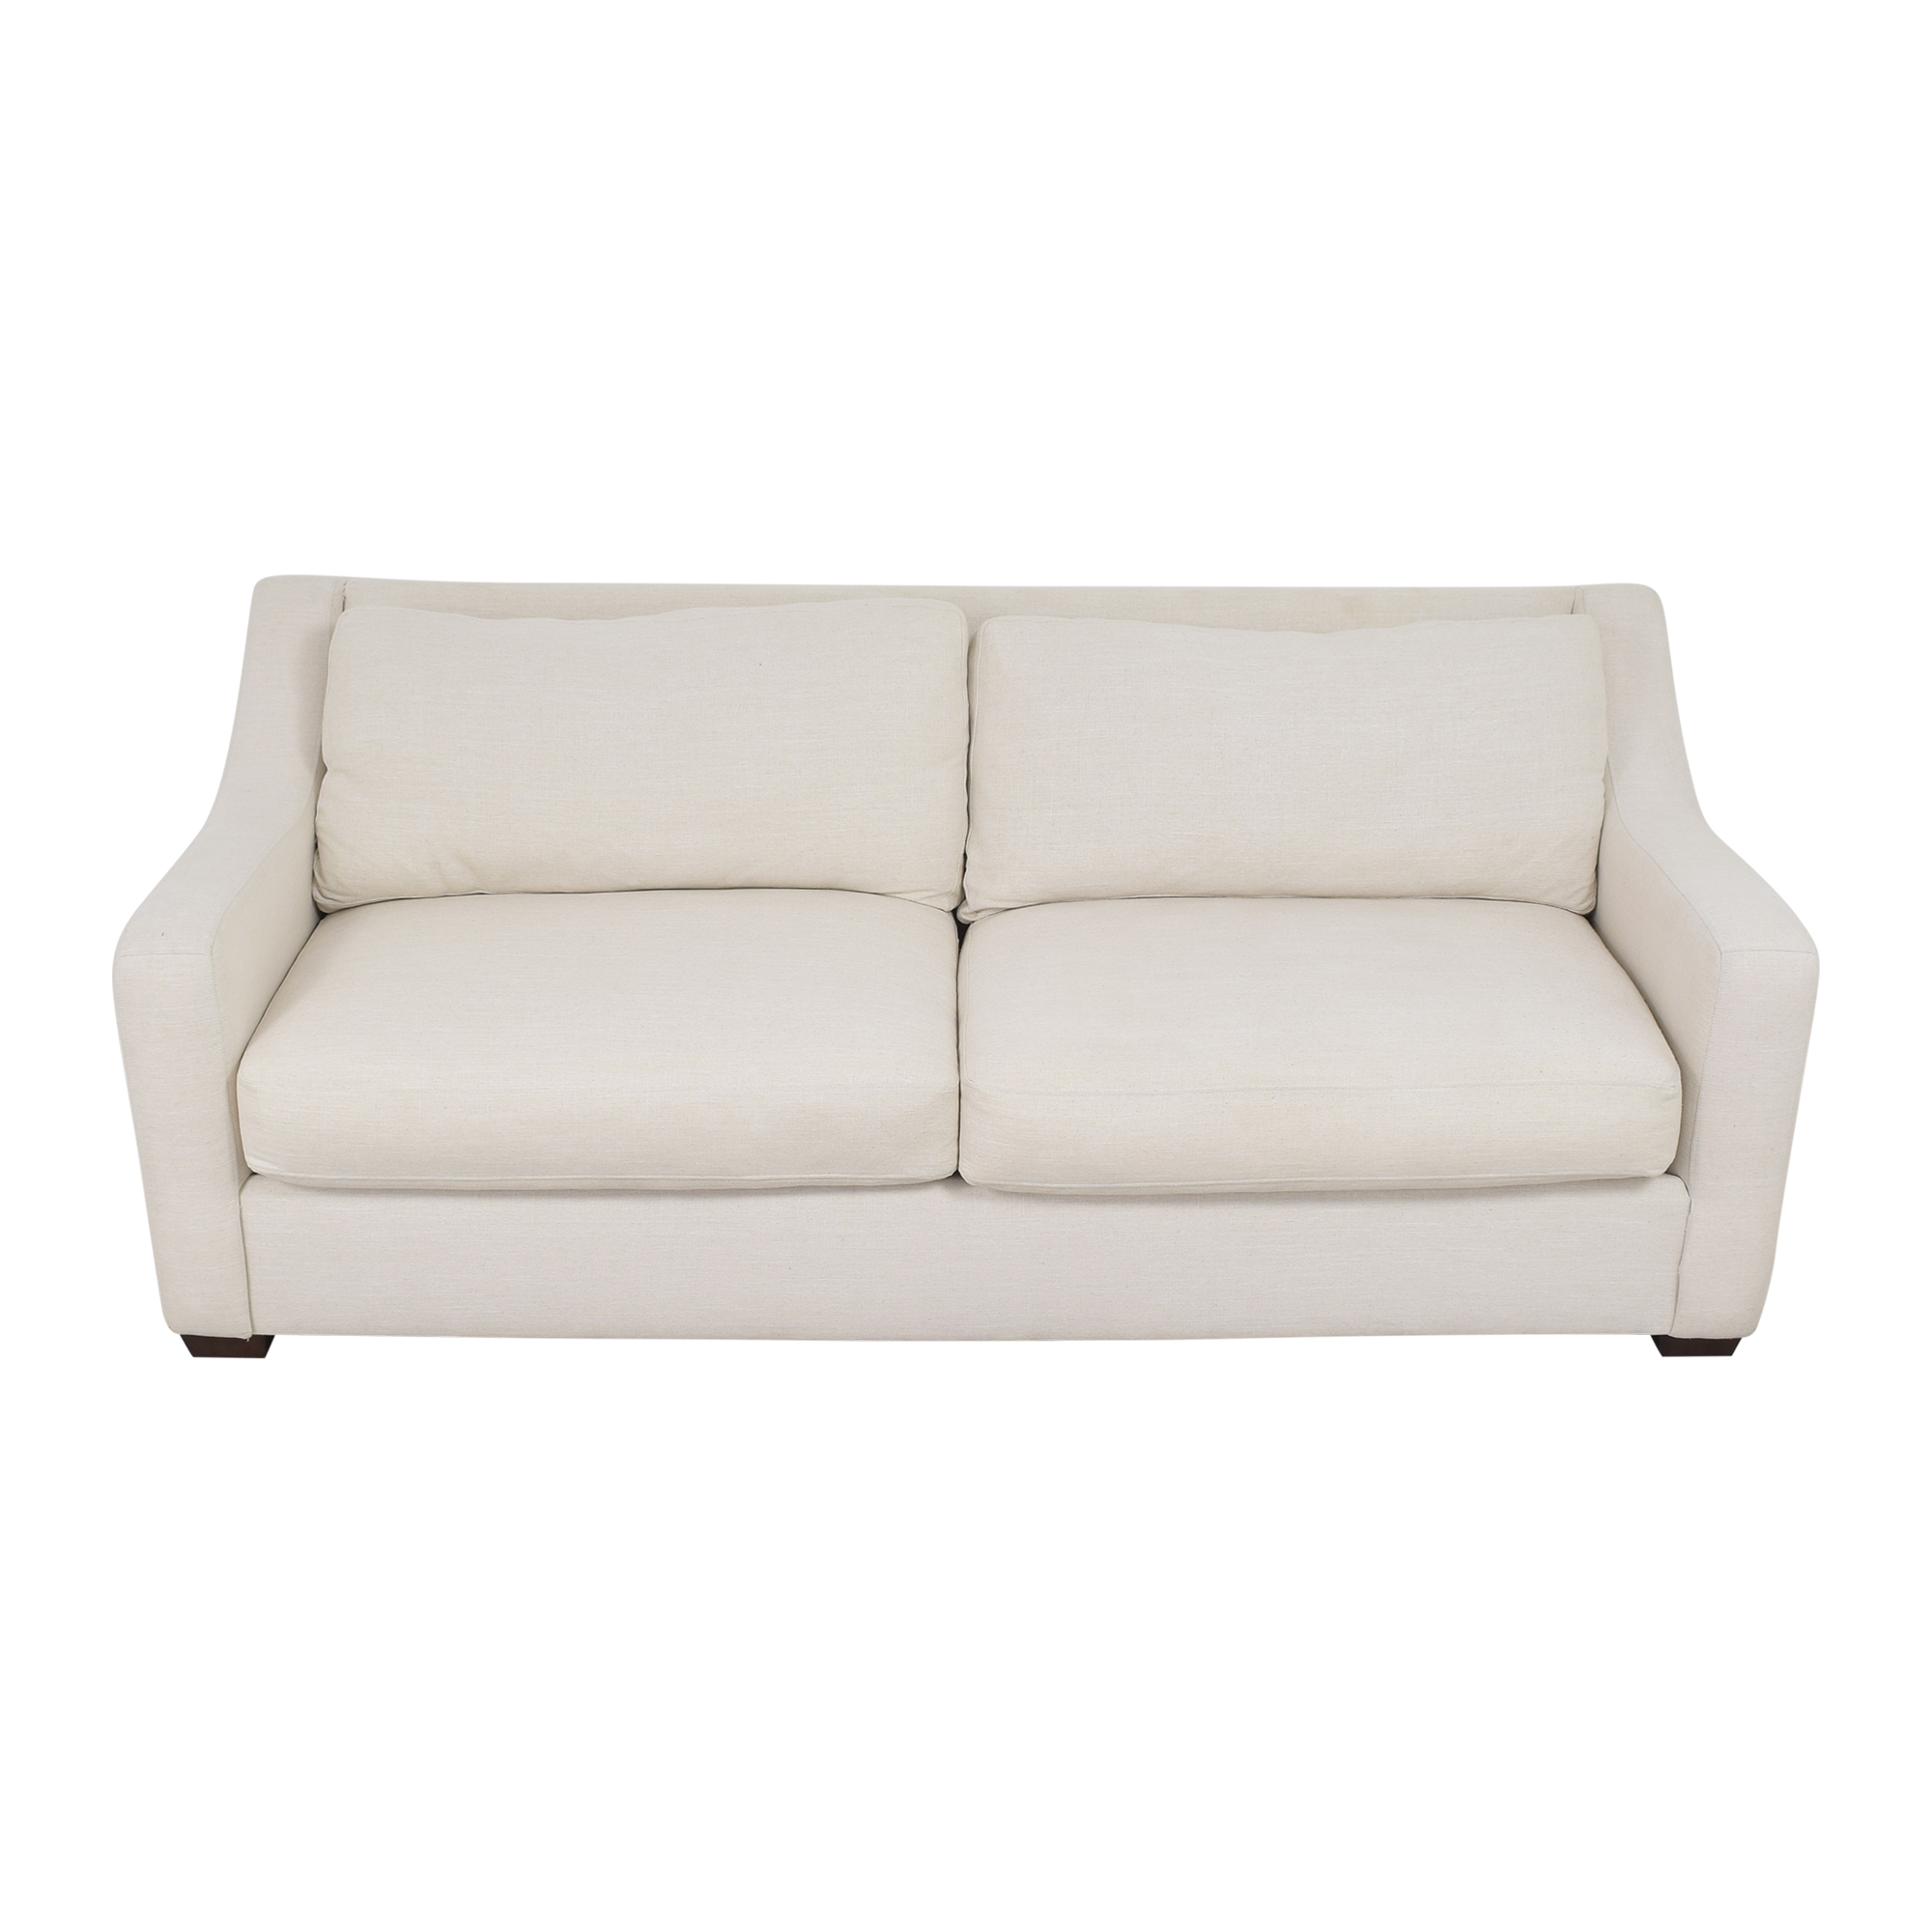 Aria Designs Aria Designs Two Cushion Sofa ma